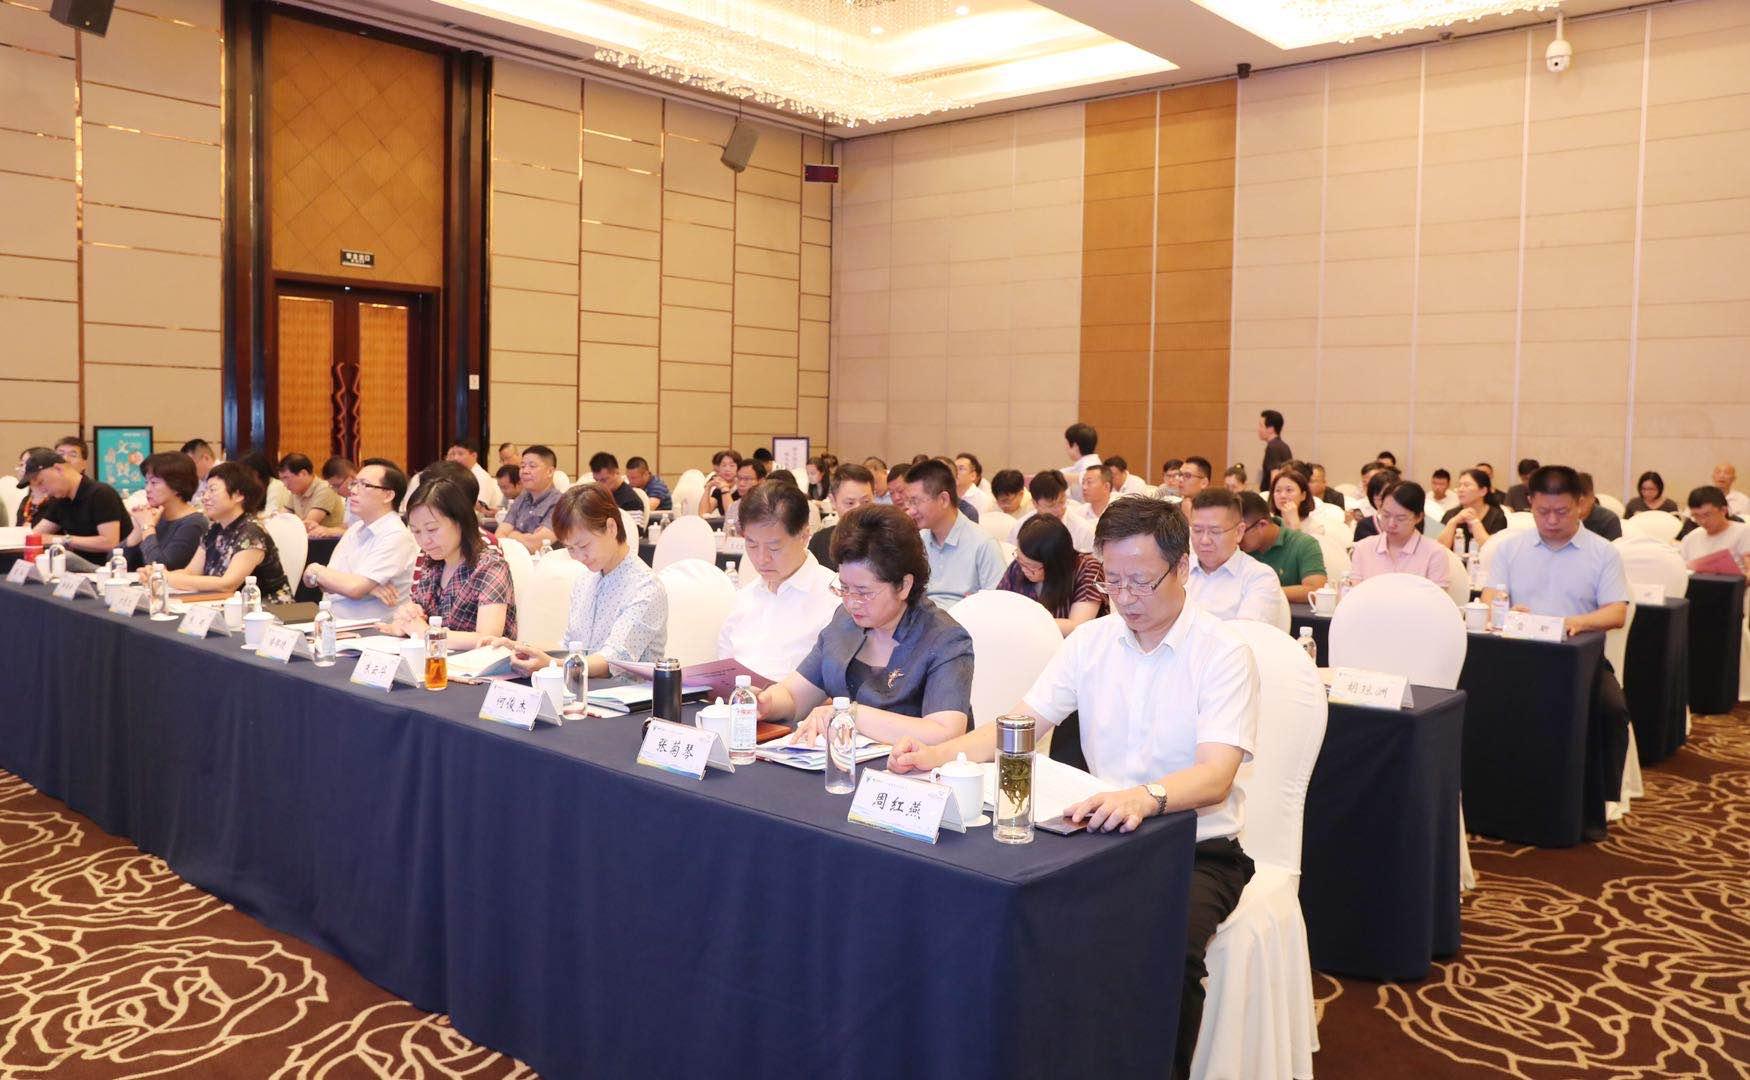 杭州市住房保障网_文旅公共平台网